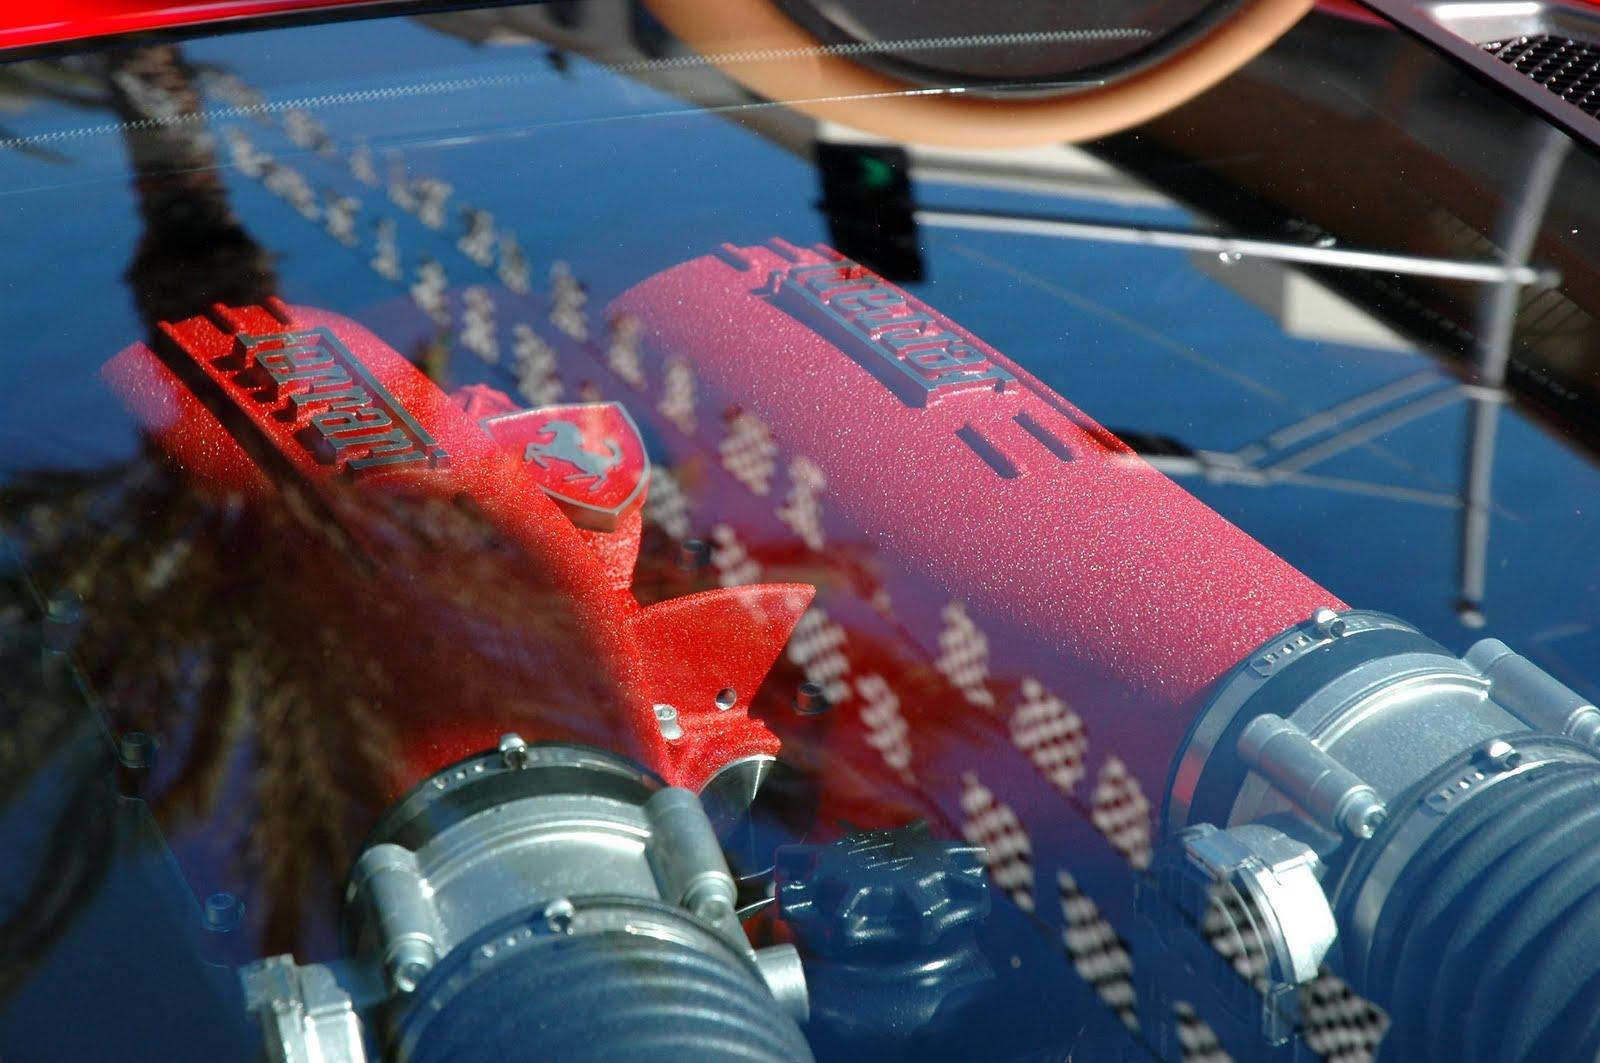 http://2.bp.blogspot.com/_ok92T4mBPv0/TJV9SZC5i8I/AAAAAAAAAdg/2UOs-olIYDw/s1600/rdcs_f430_engine.jpg